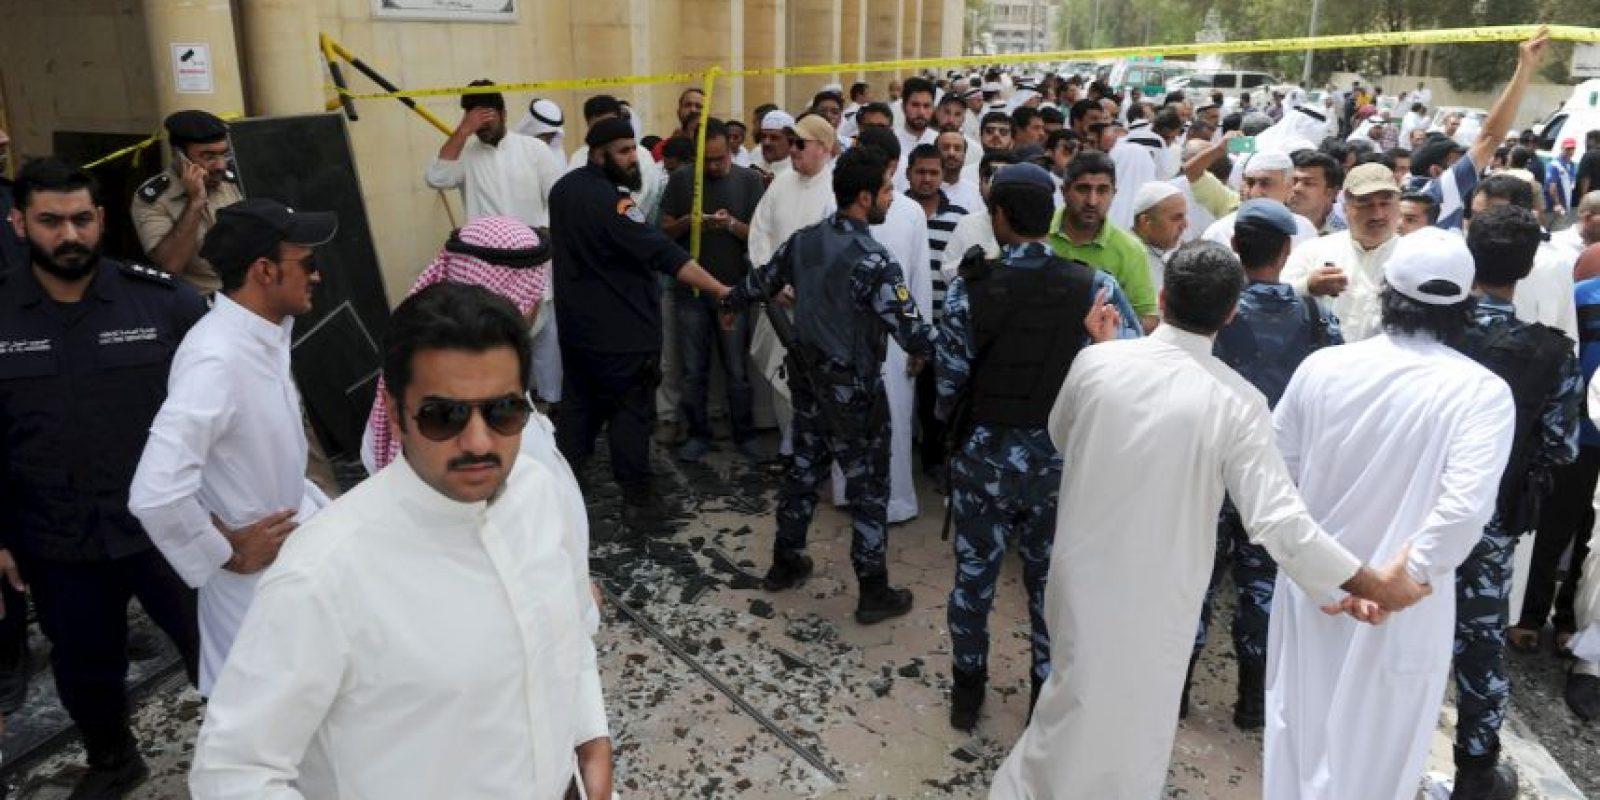 El atentado fue en la capital de Kuwait. Foto:AP